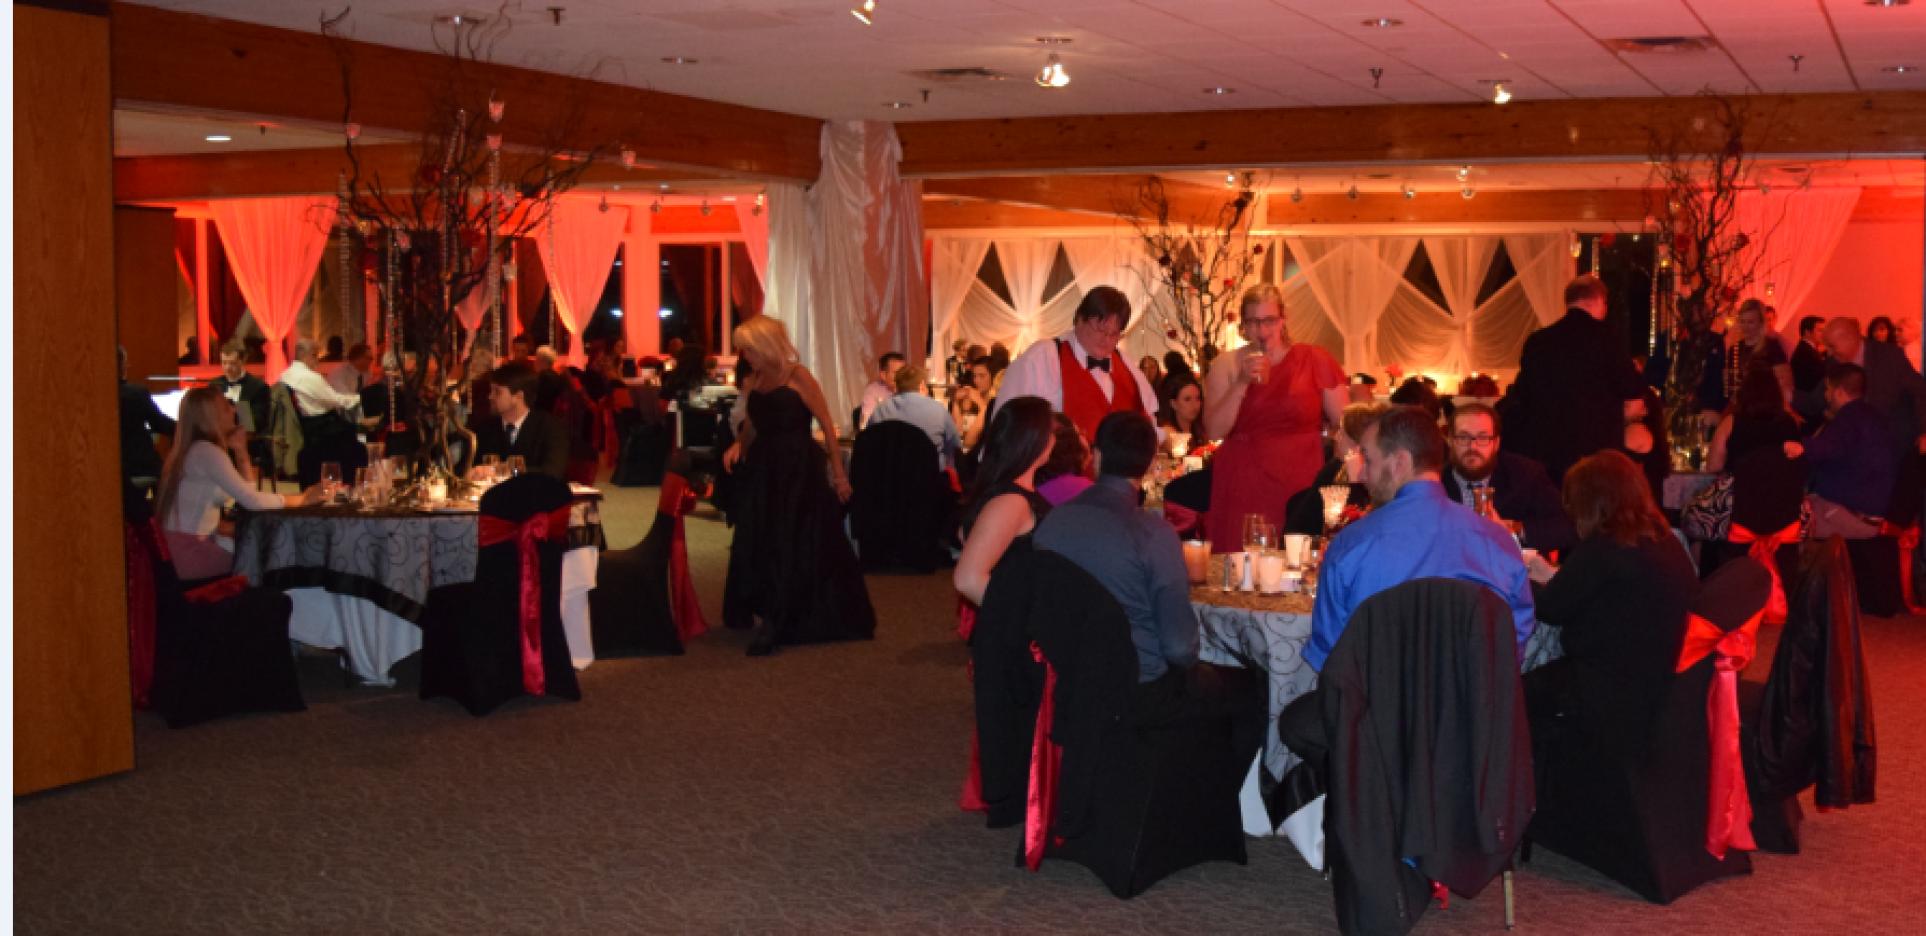 banquet event at Fellows Creek Golf Club